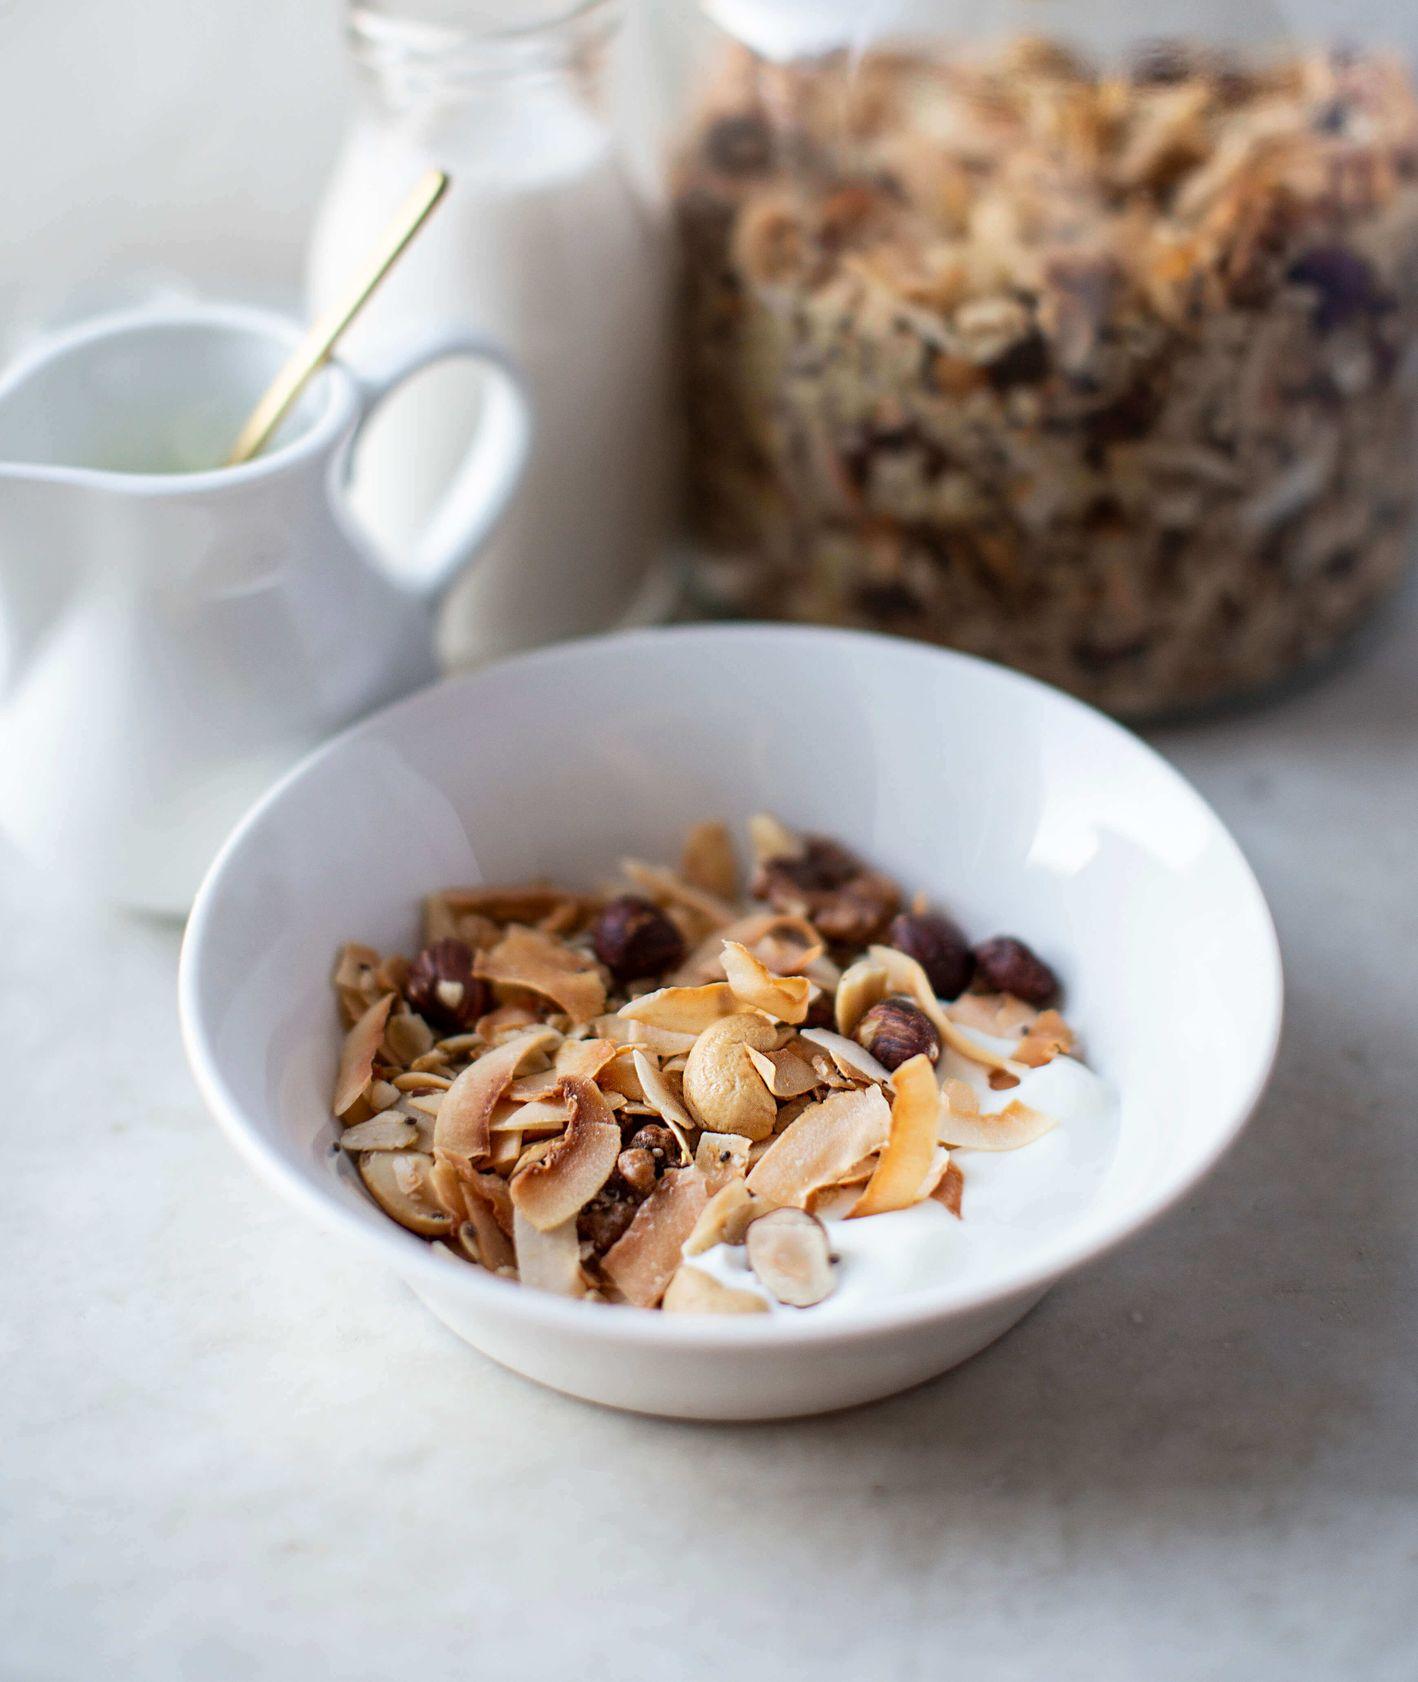 Przepis na kokosowo-orzechową granolę na słodkie śniadanie